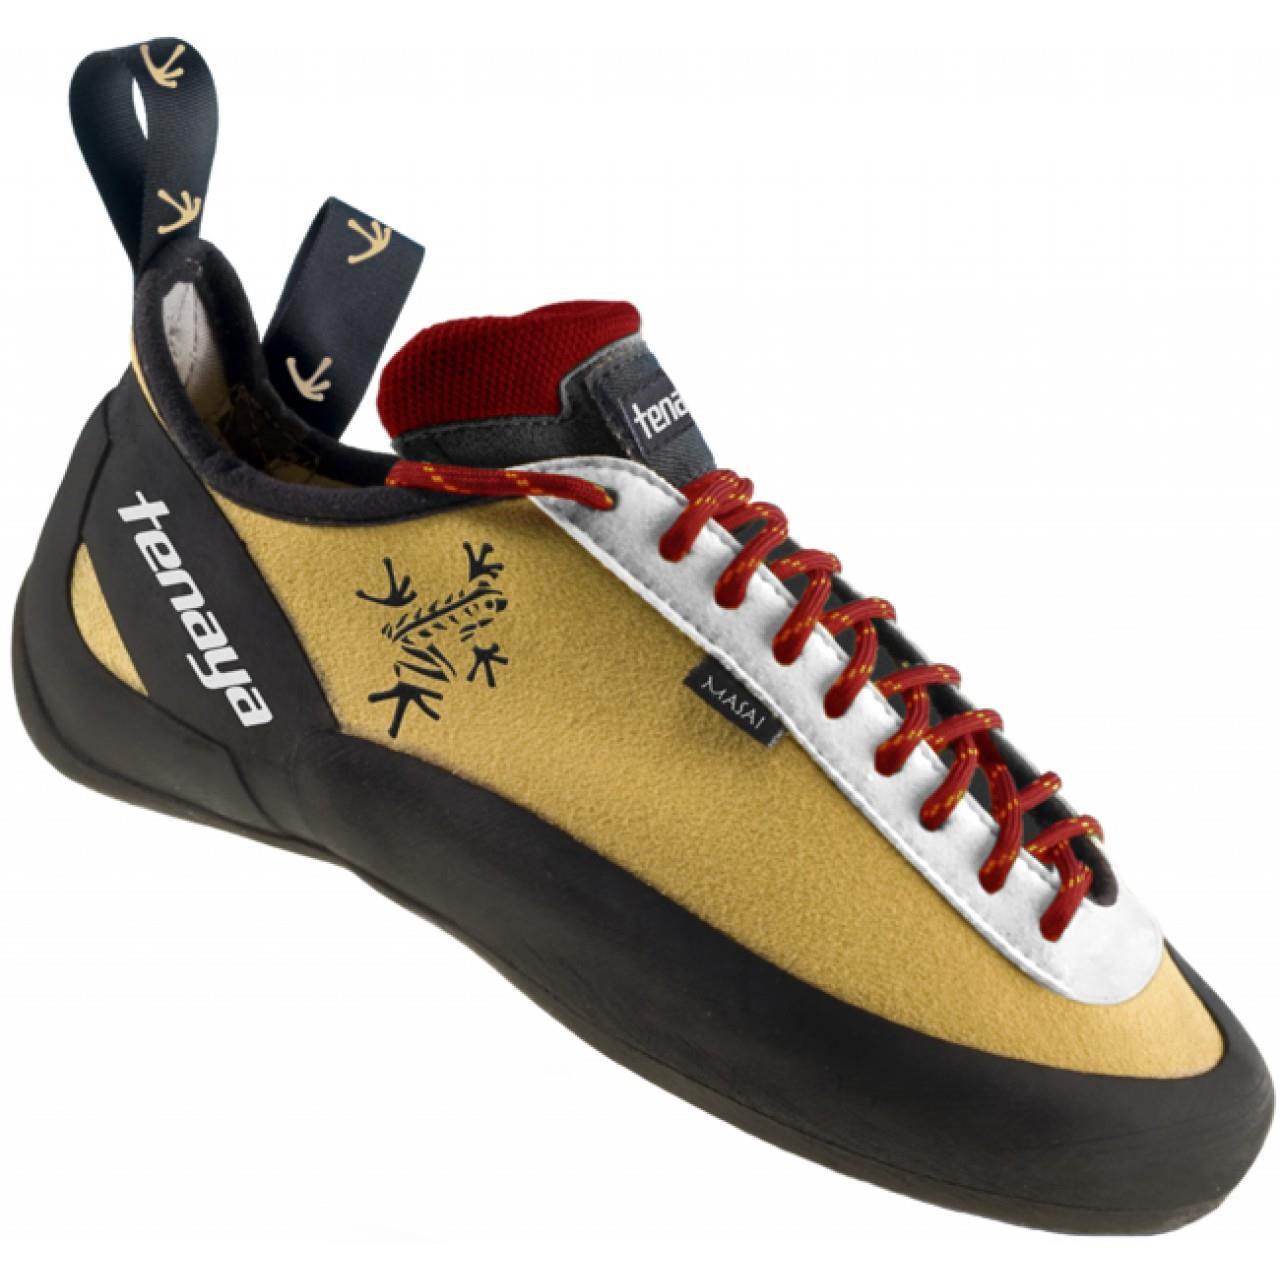 Tenaya Masai Drk0016 Kaya Tırmanış Ayakkabısı